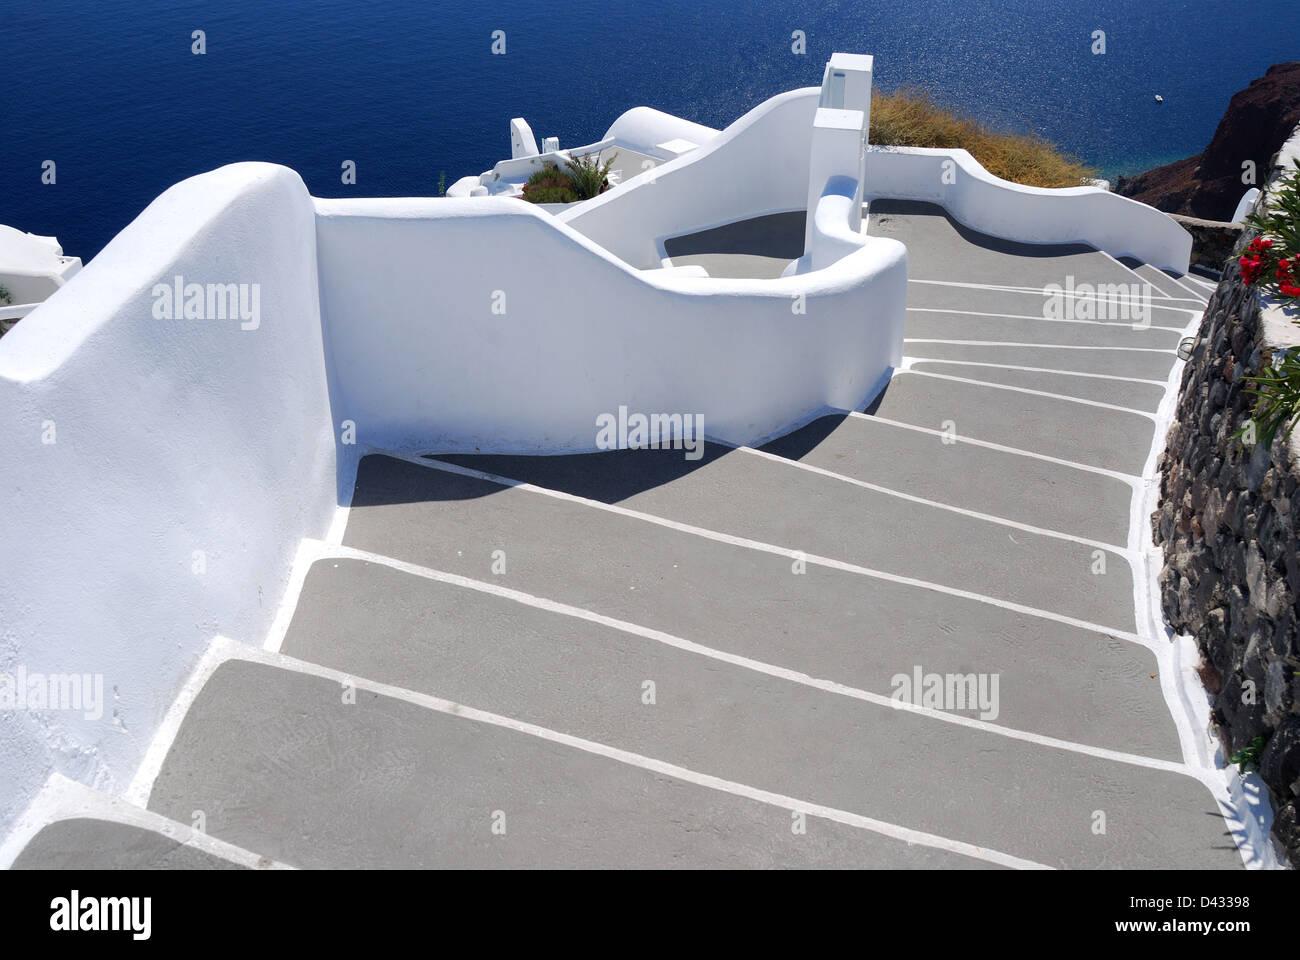 Escaleras al mar, pueblo de Oia en Santorini, Grecia, un popular lugar turístico para la arquitectura. Imagen De Stock